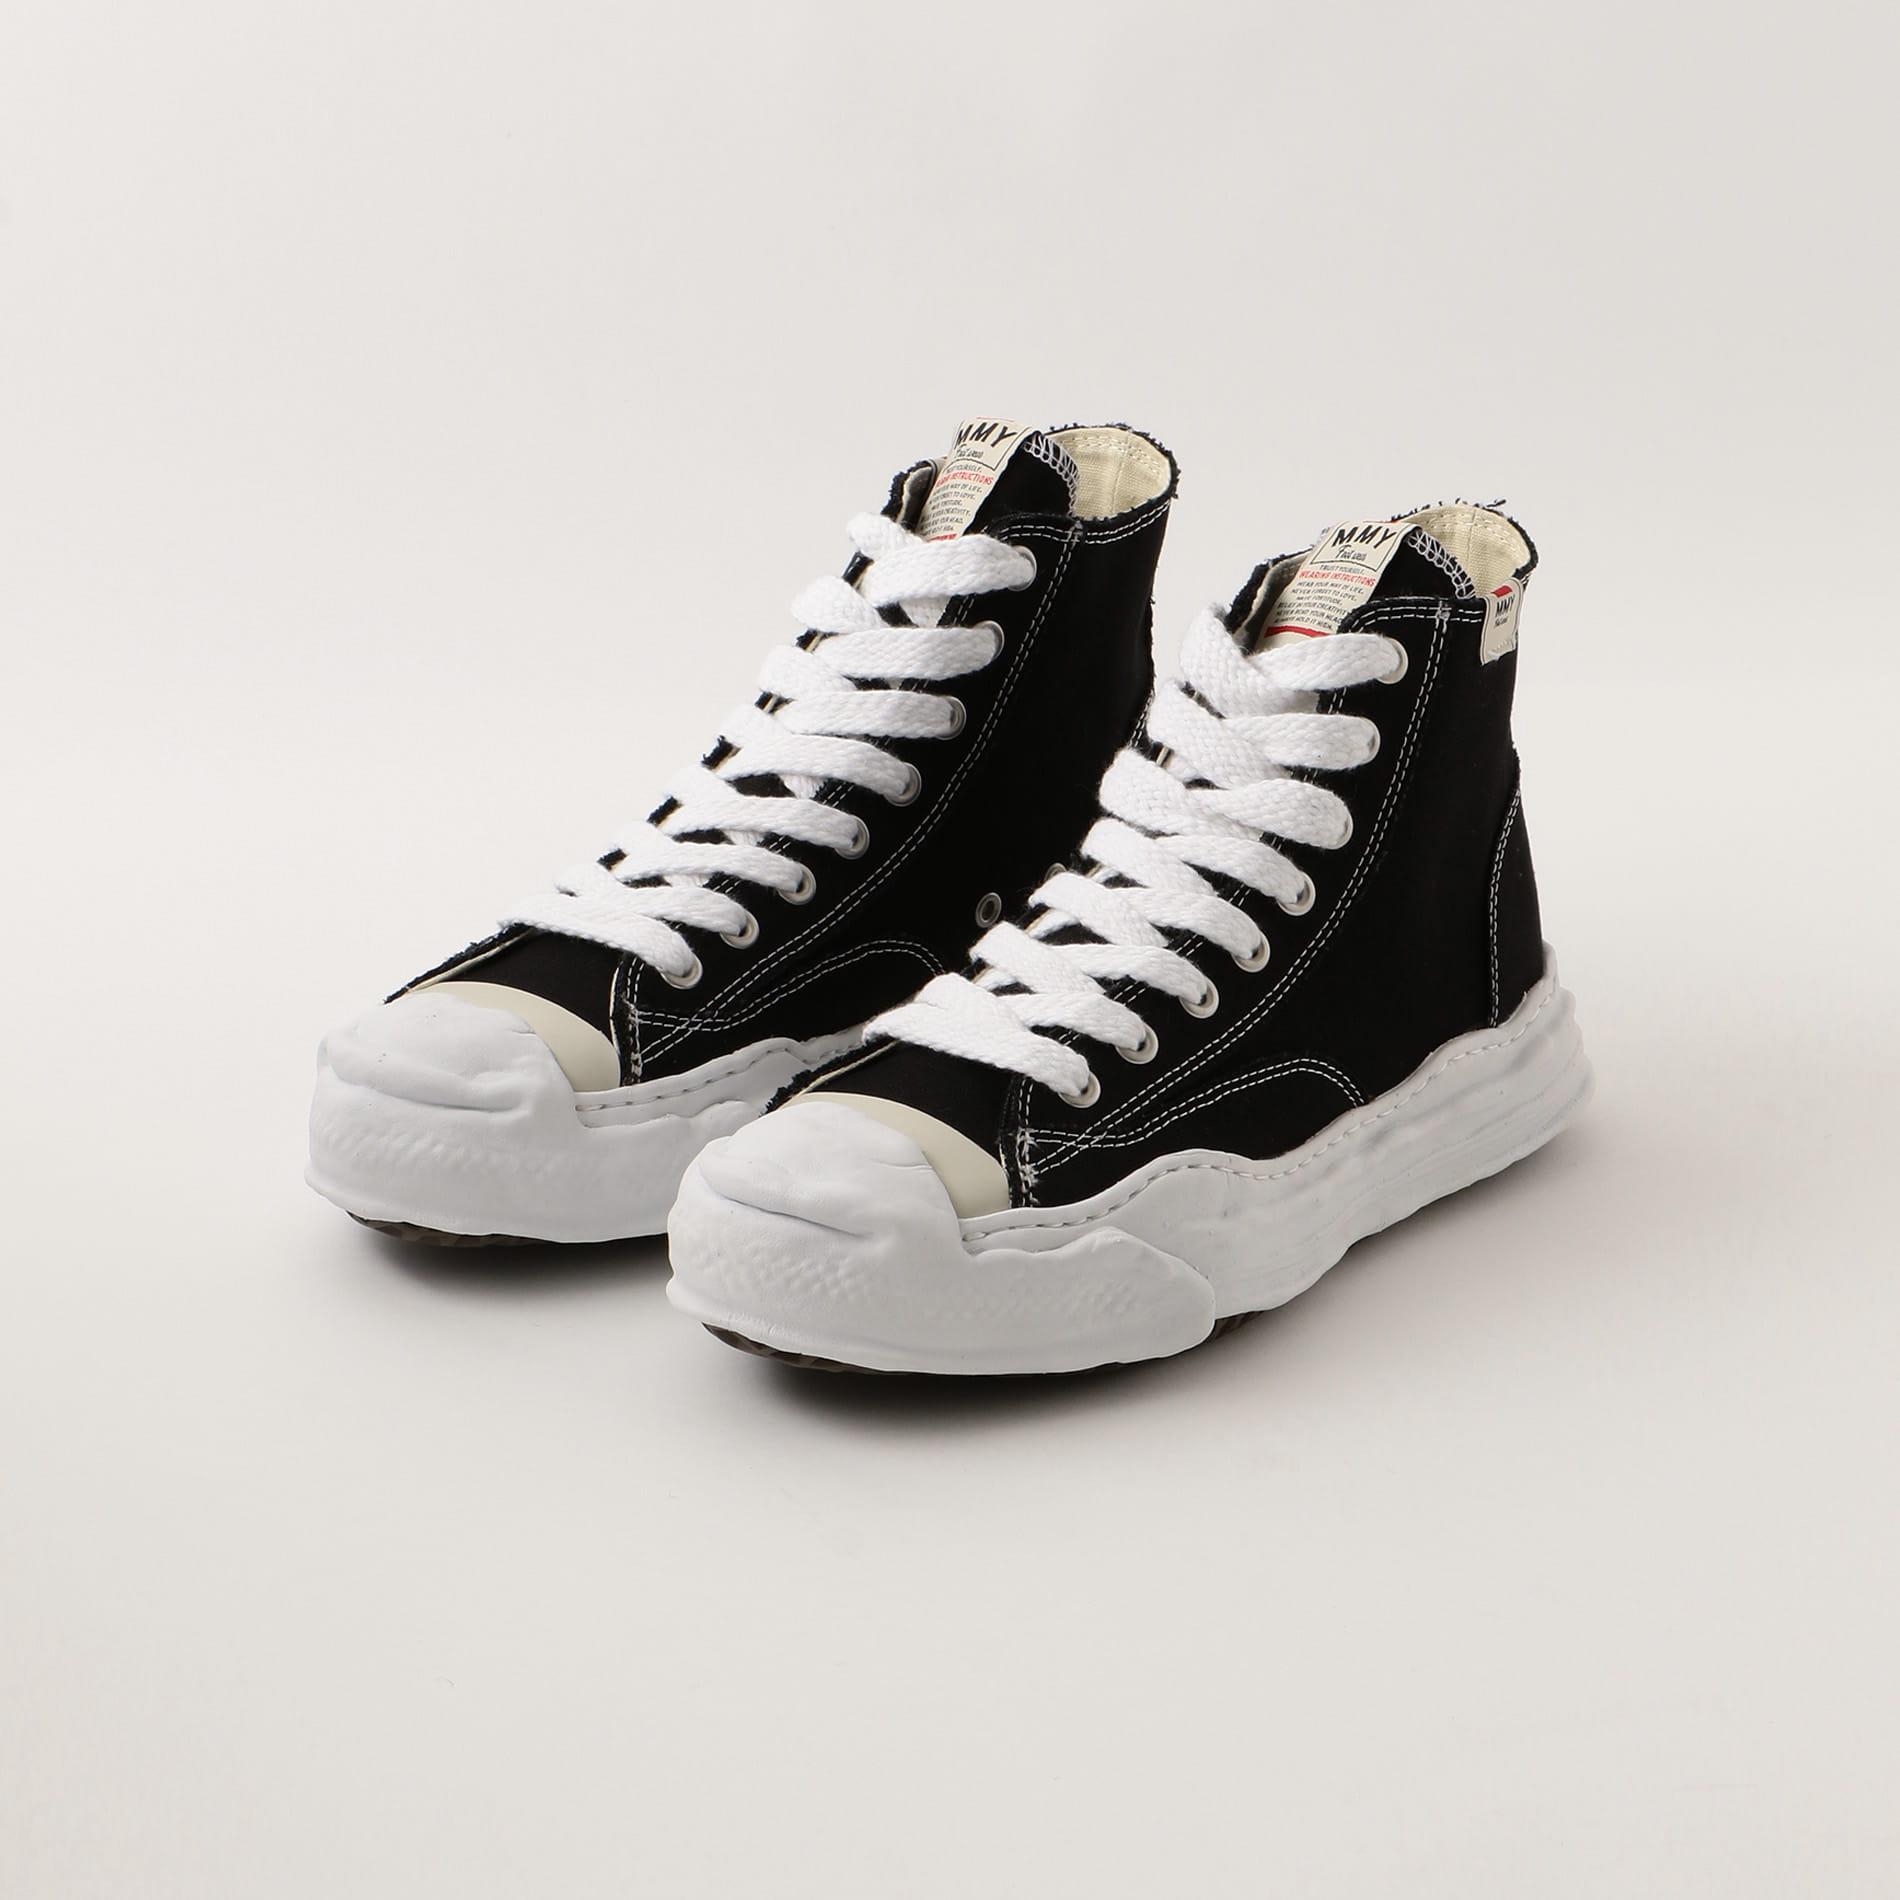 【Maison MIHARA YASUHIRO】MEN original sole canvas hitop sneaker A05FW701